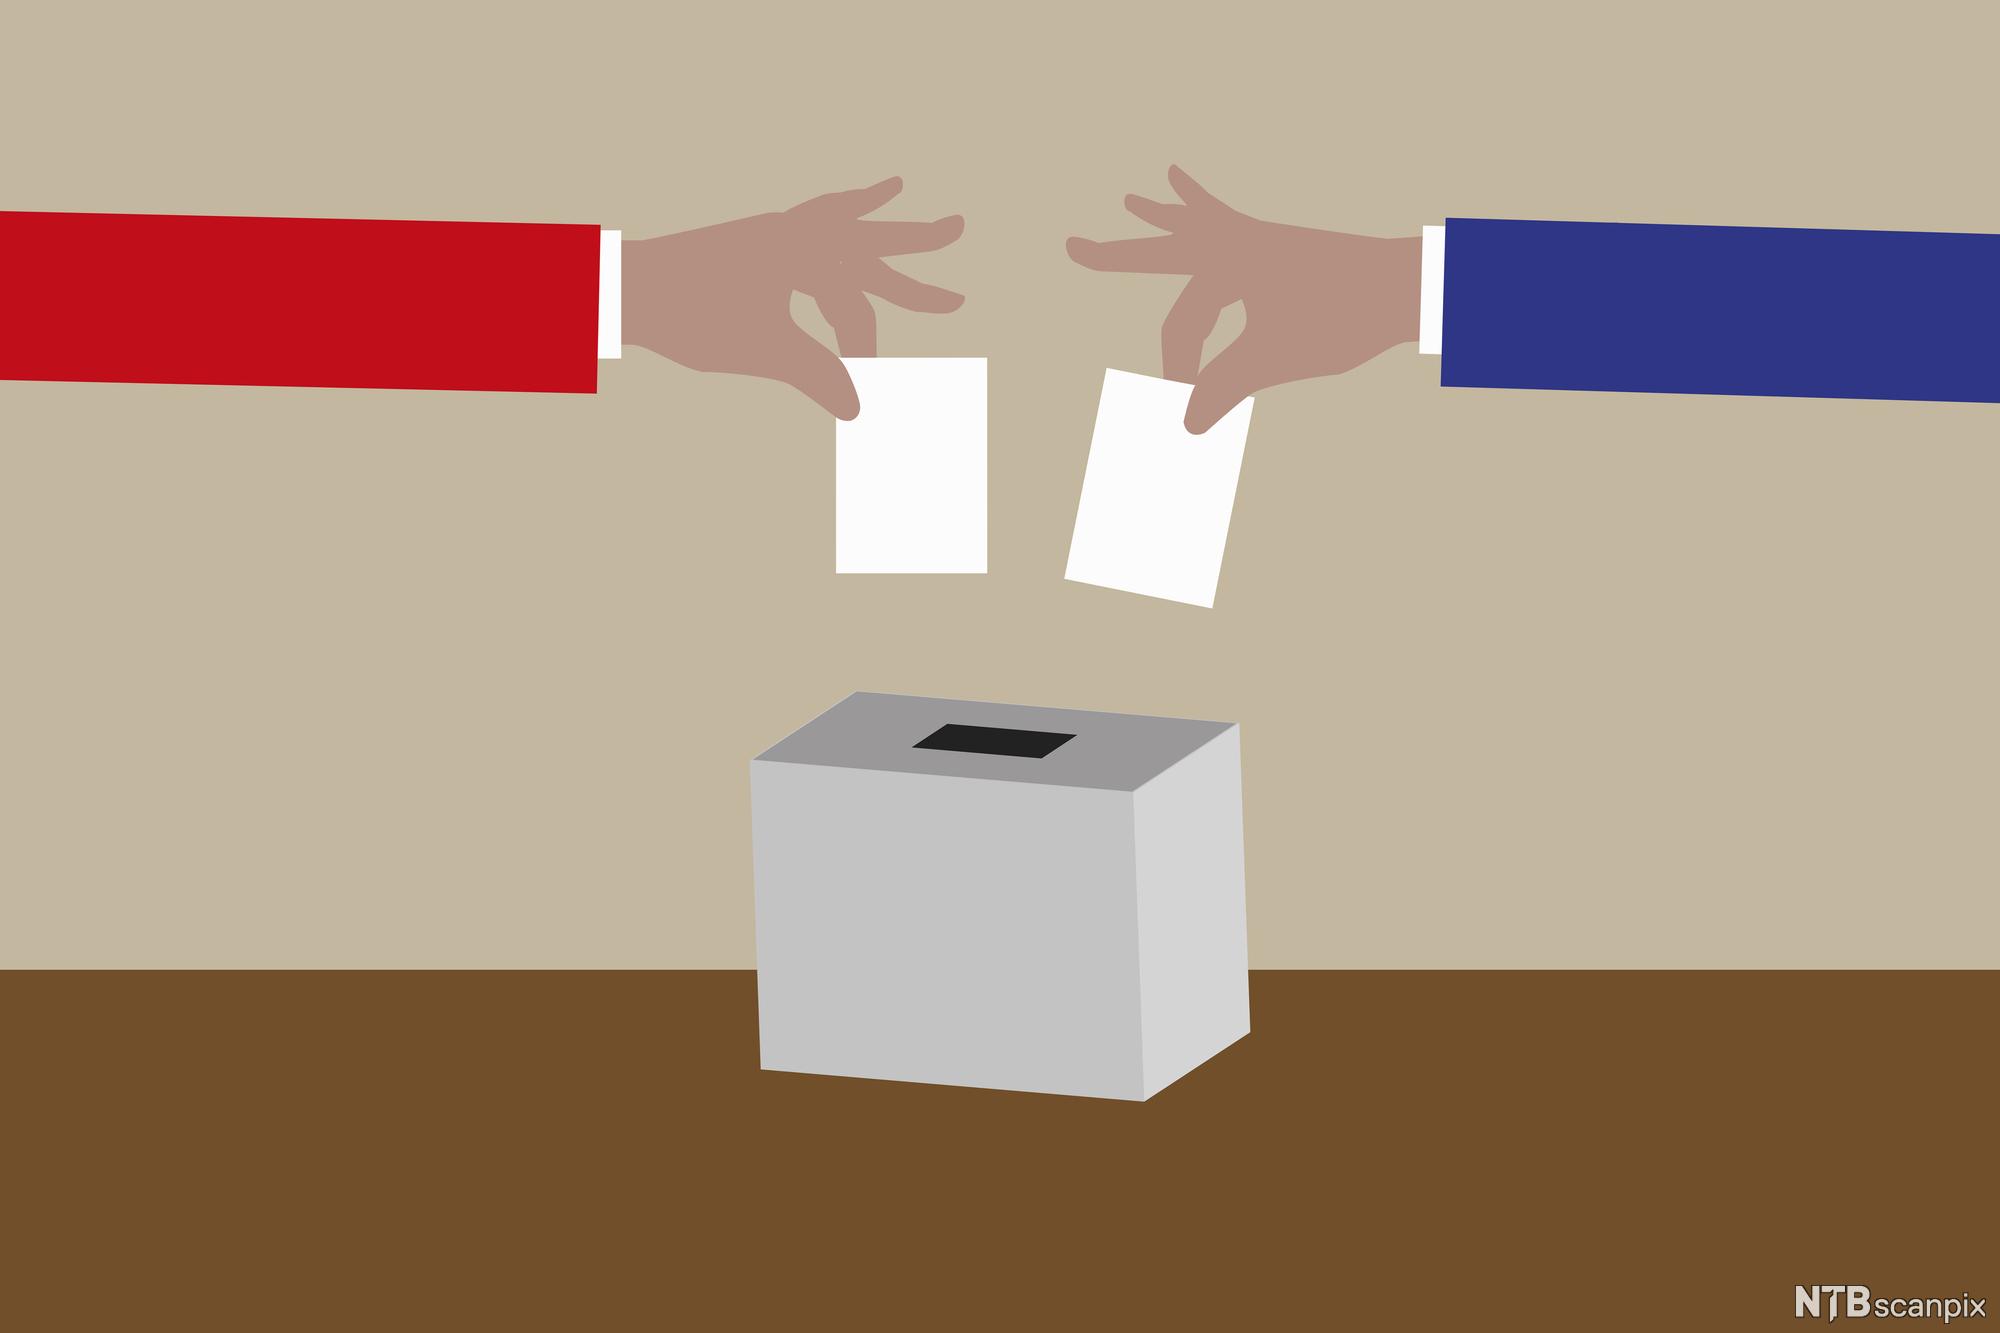 En blå og en rød arm putter stemmeseddel i valgurne. Illustrasjon.